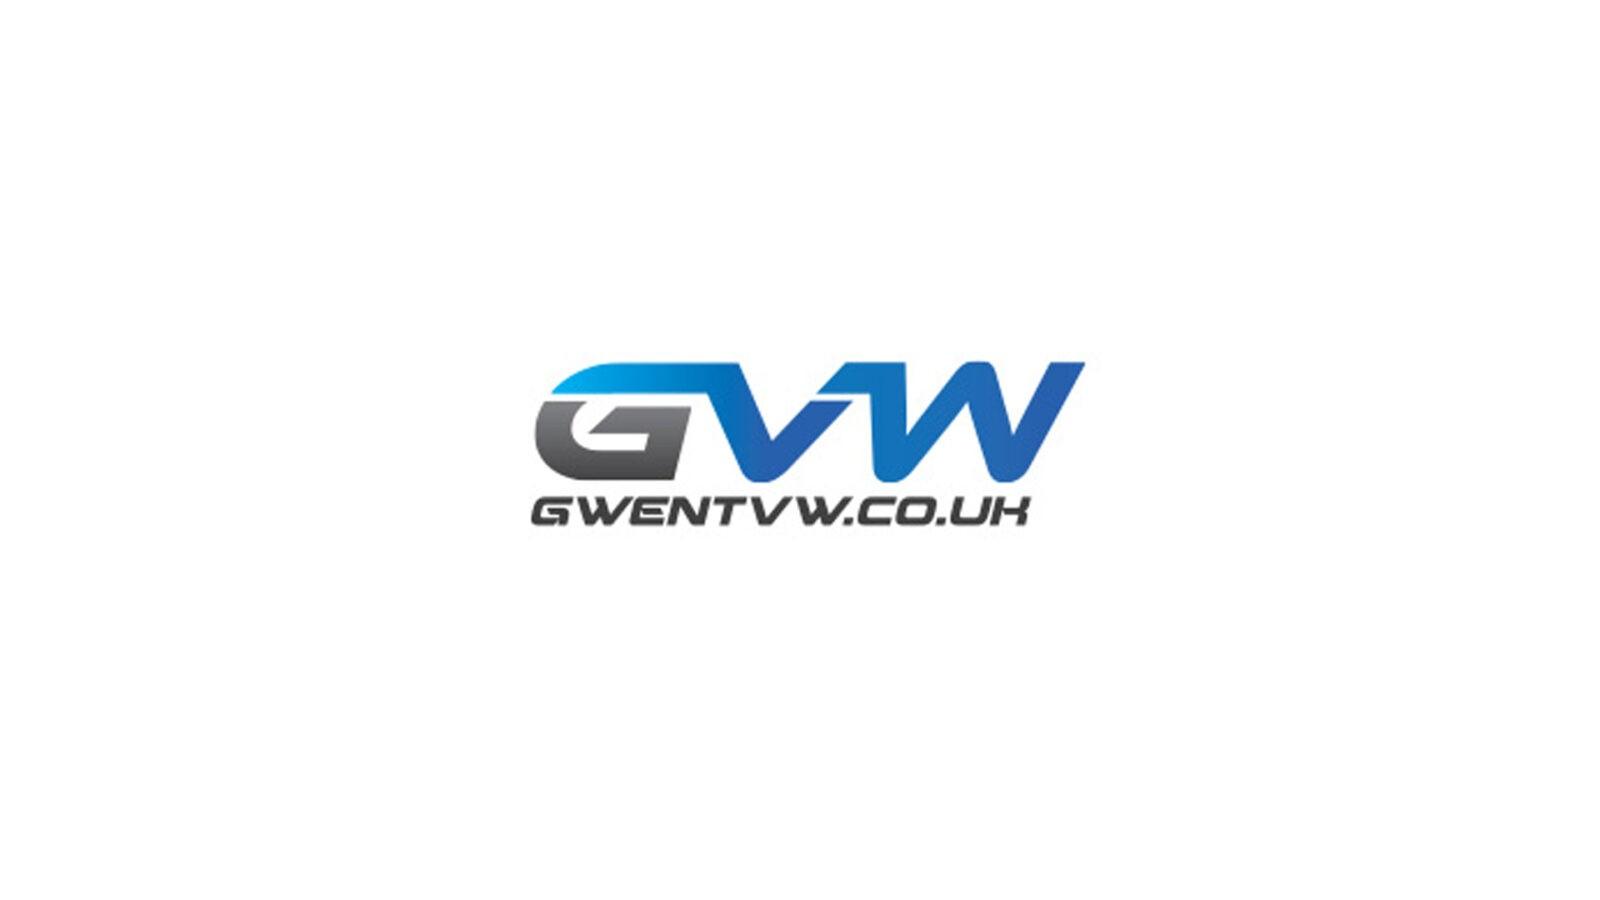 Gwent VW